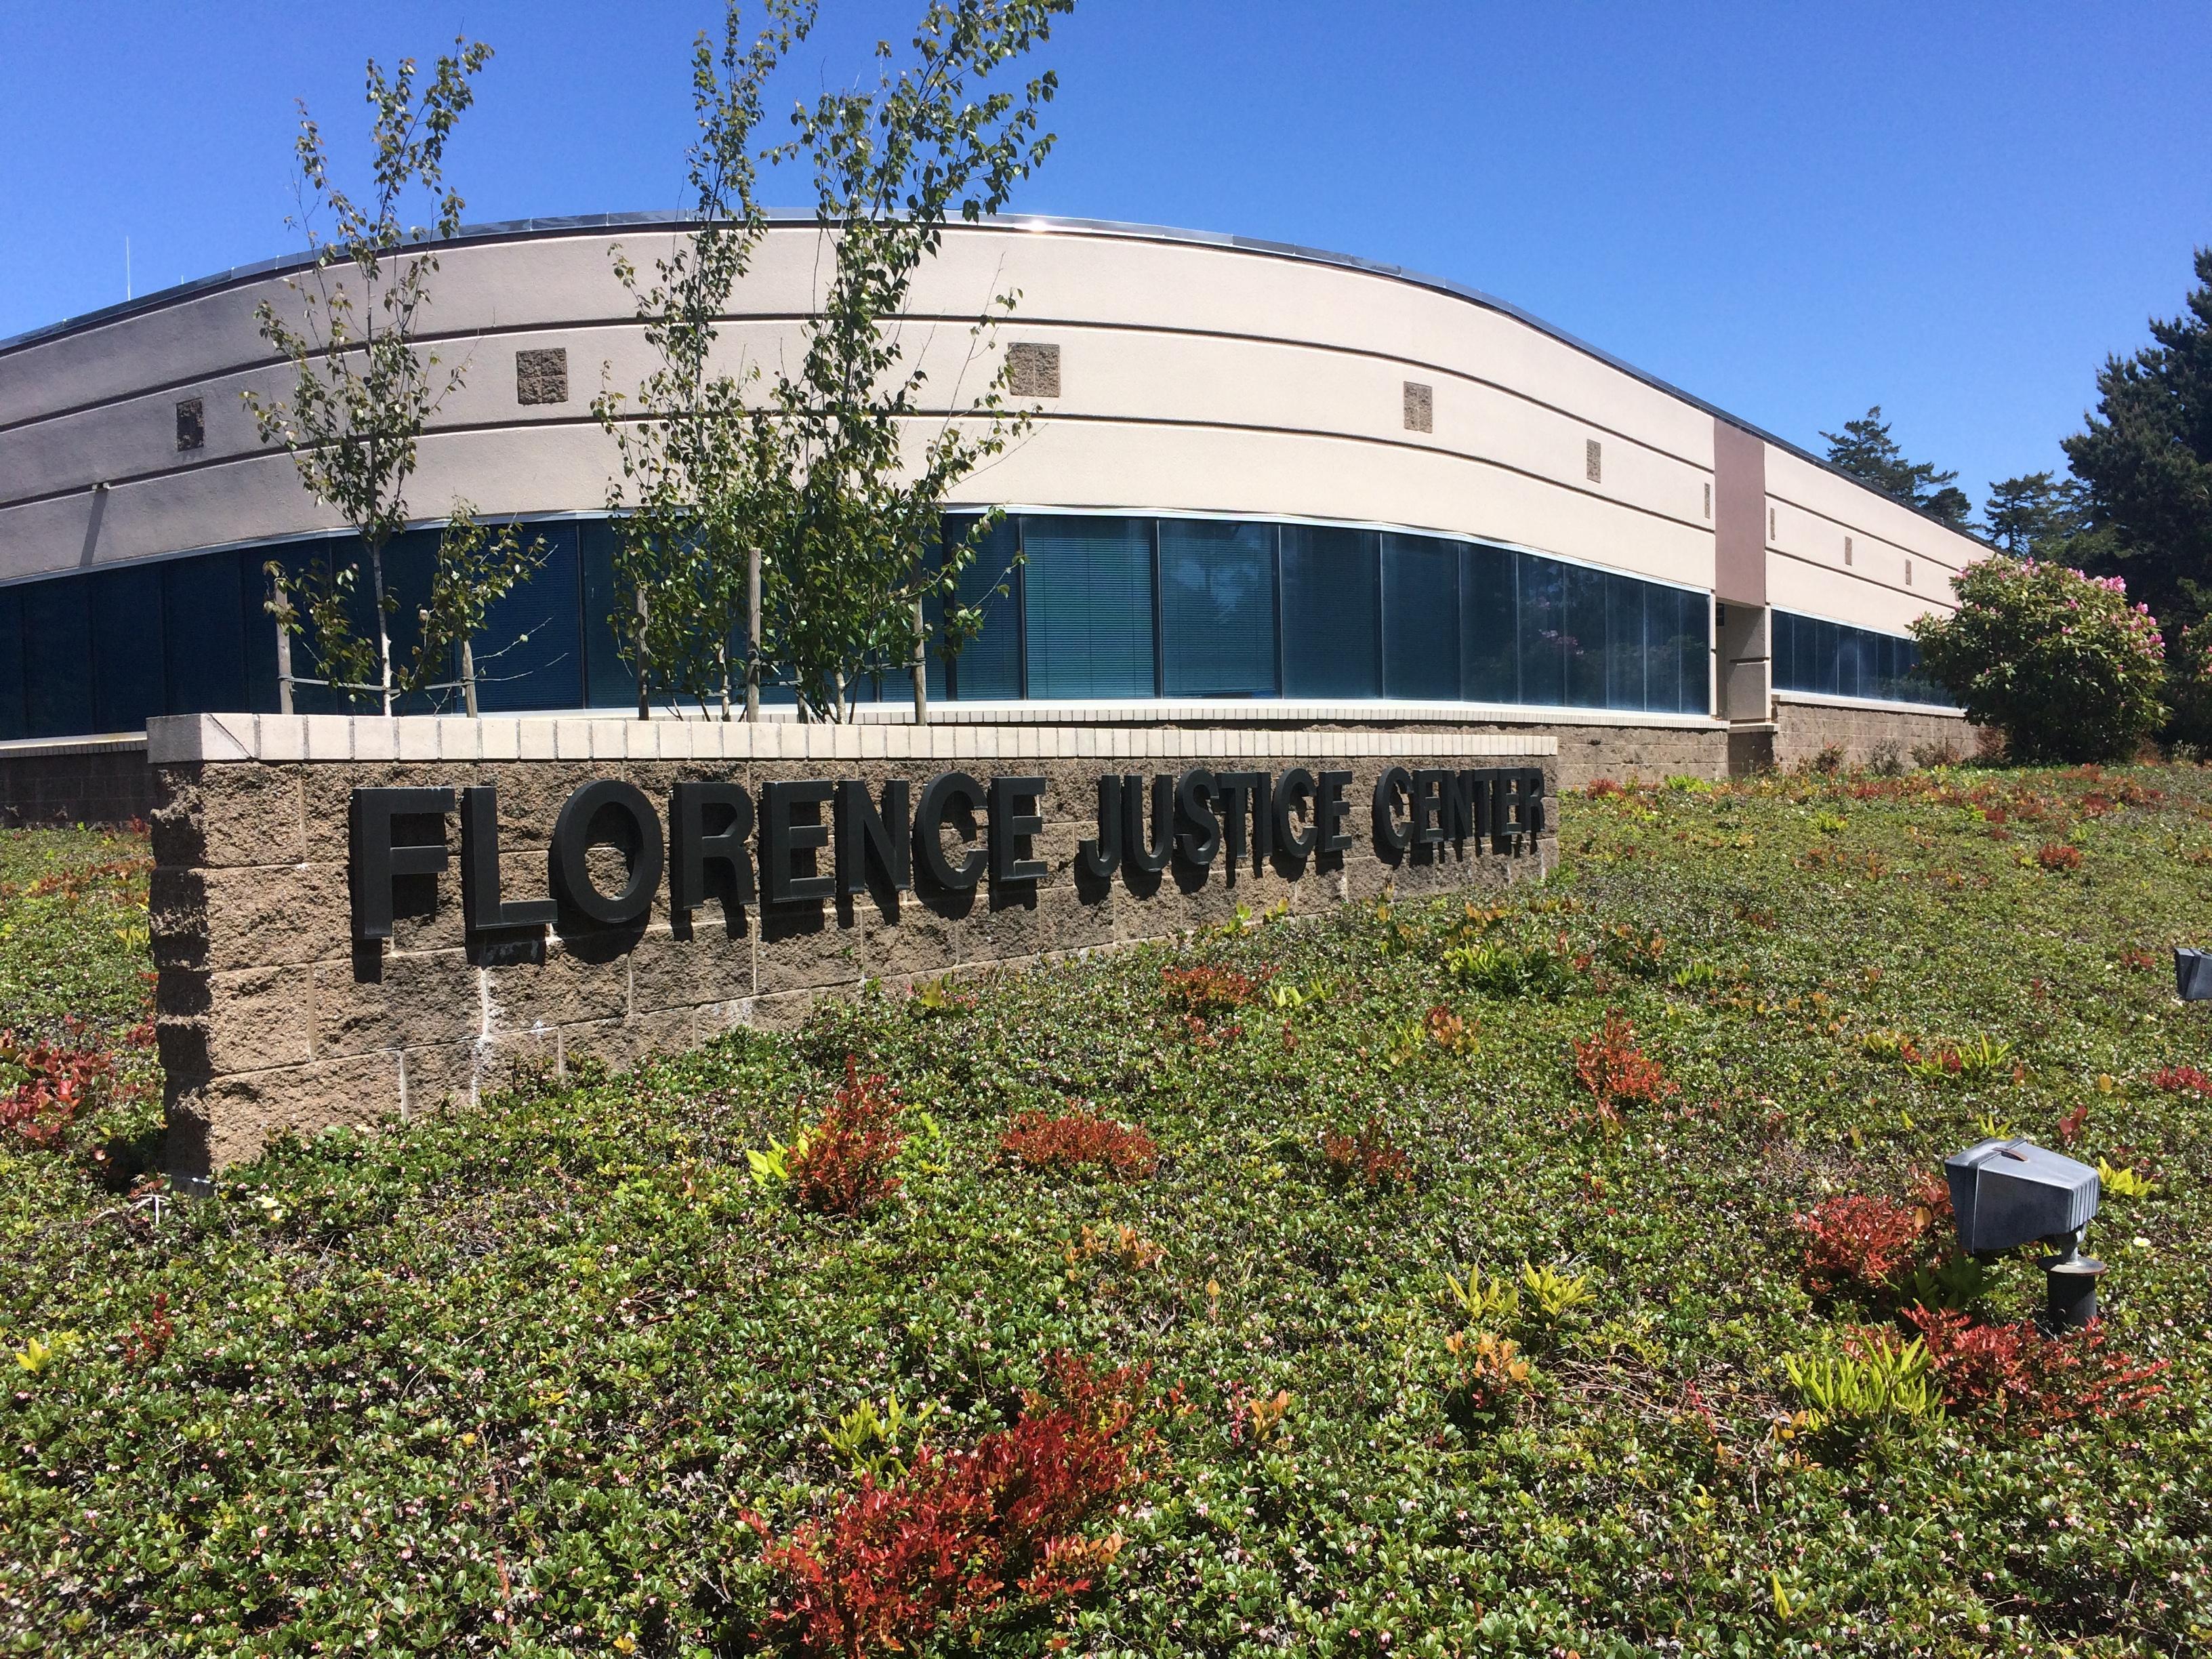 florence oregon news updates - photo#9